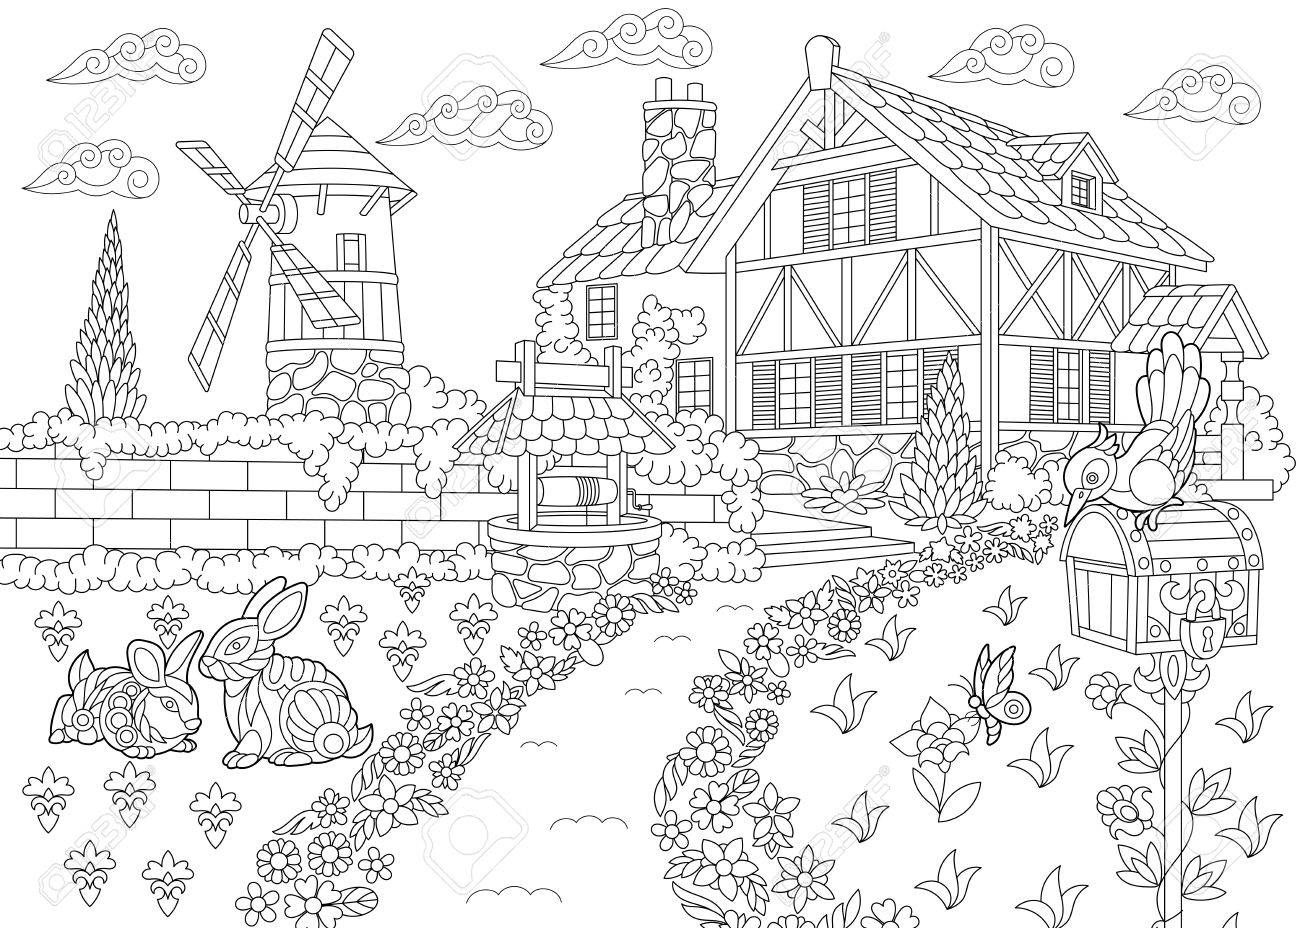 Coloriage Batiment Ferme.Coloriage Du Paysage Rural Ferme Moulin A Vent Puits D Eau Boite